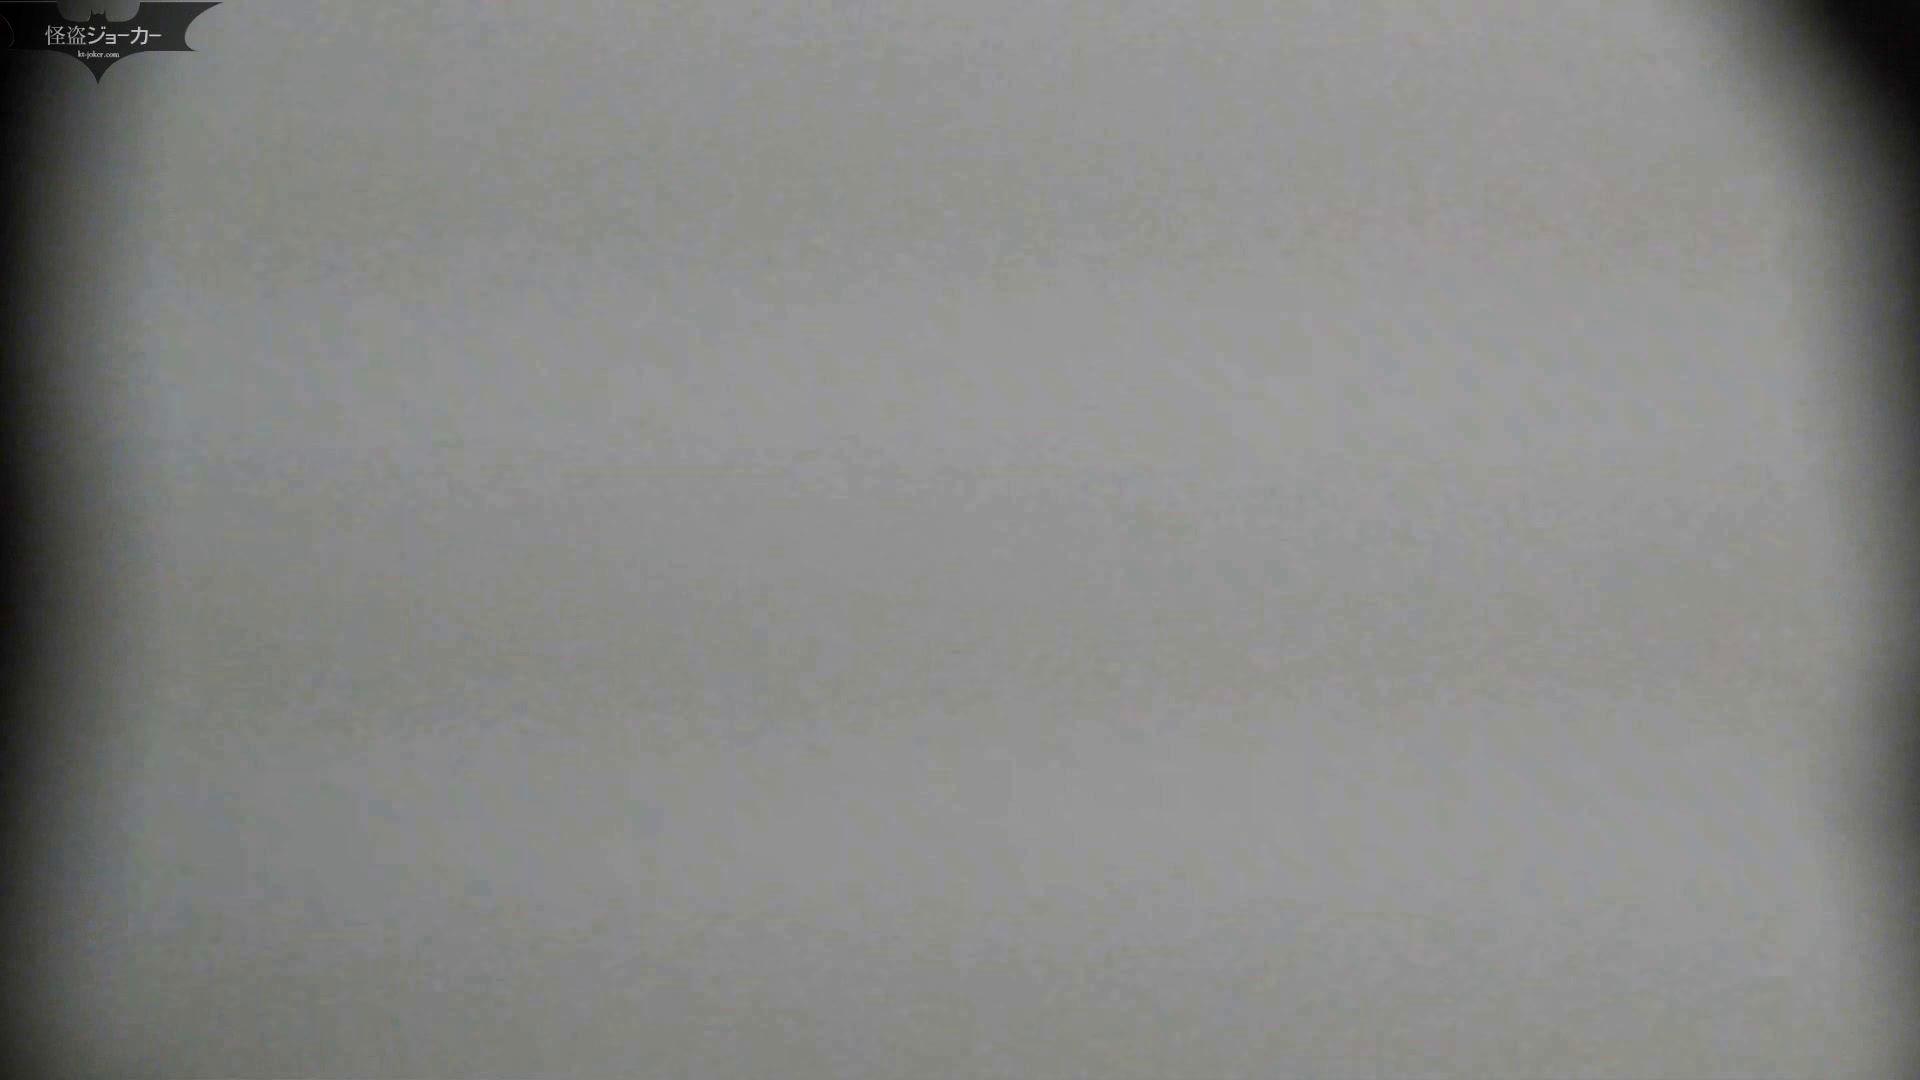 【美しき個室な世界】洗面所特攻隊 vol.051 お姉さんのSEX ぱこり動画紹介 100枚 67